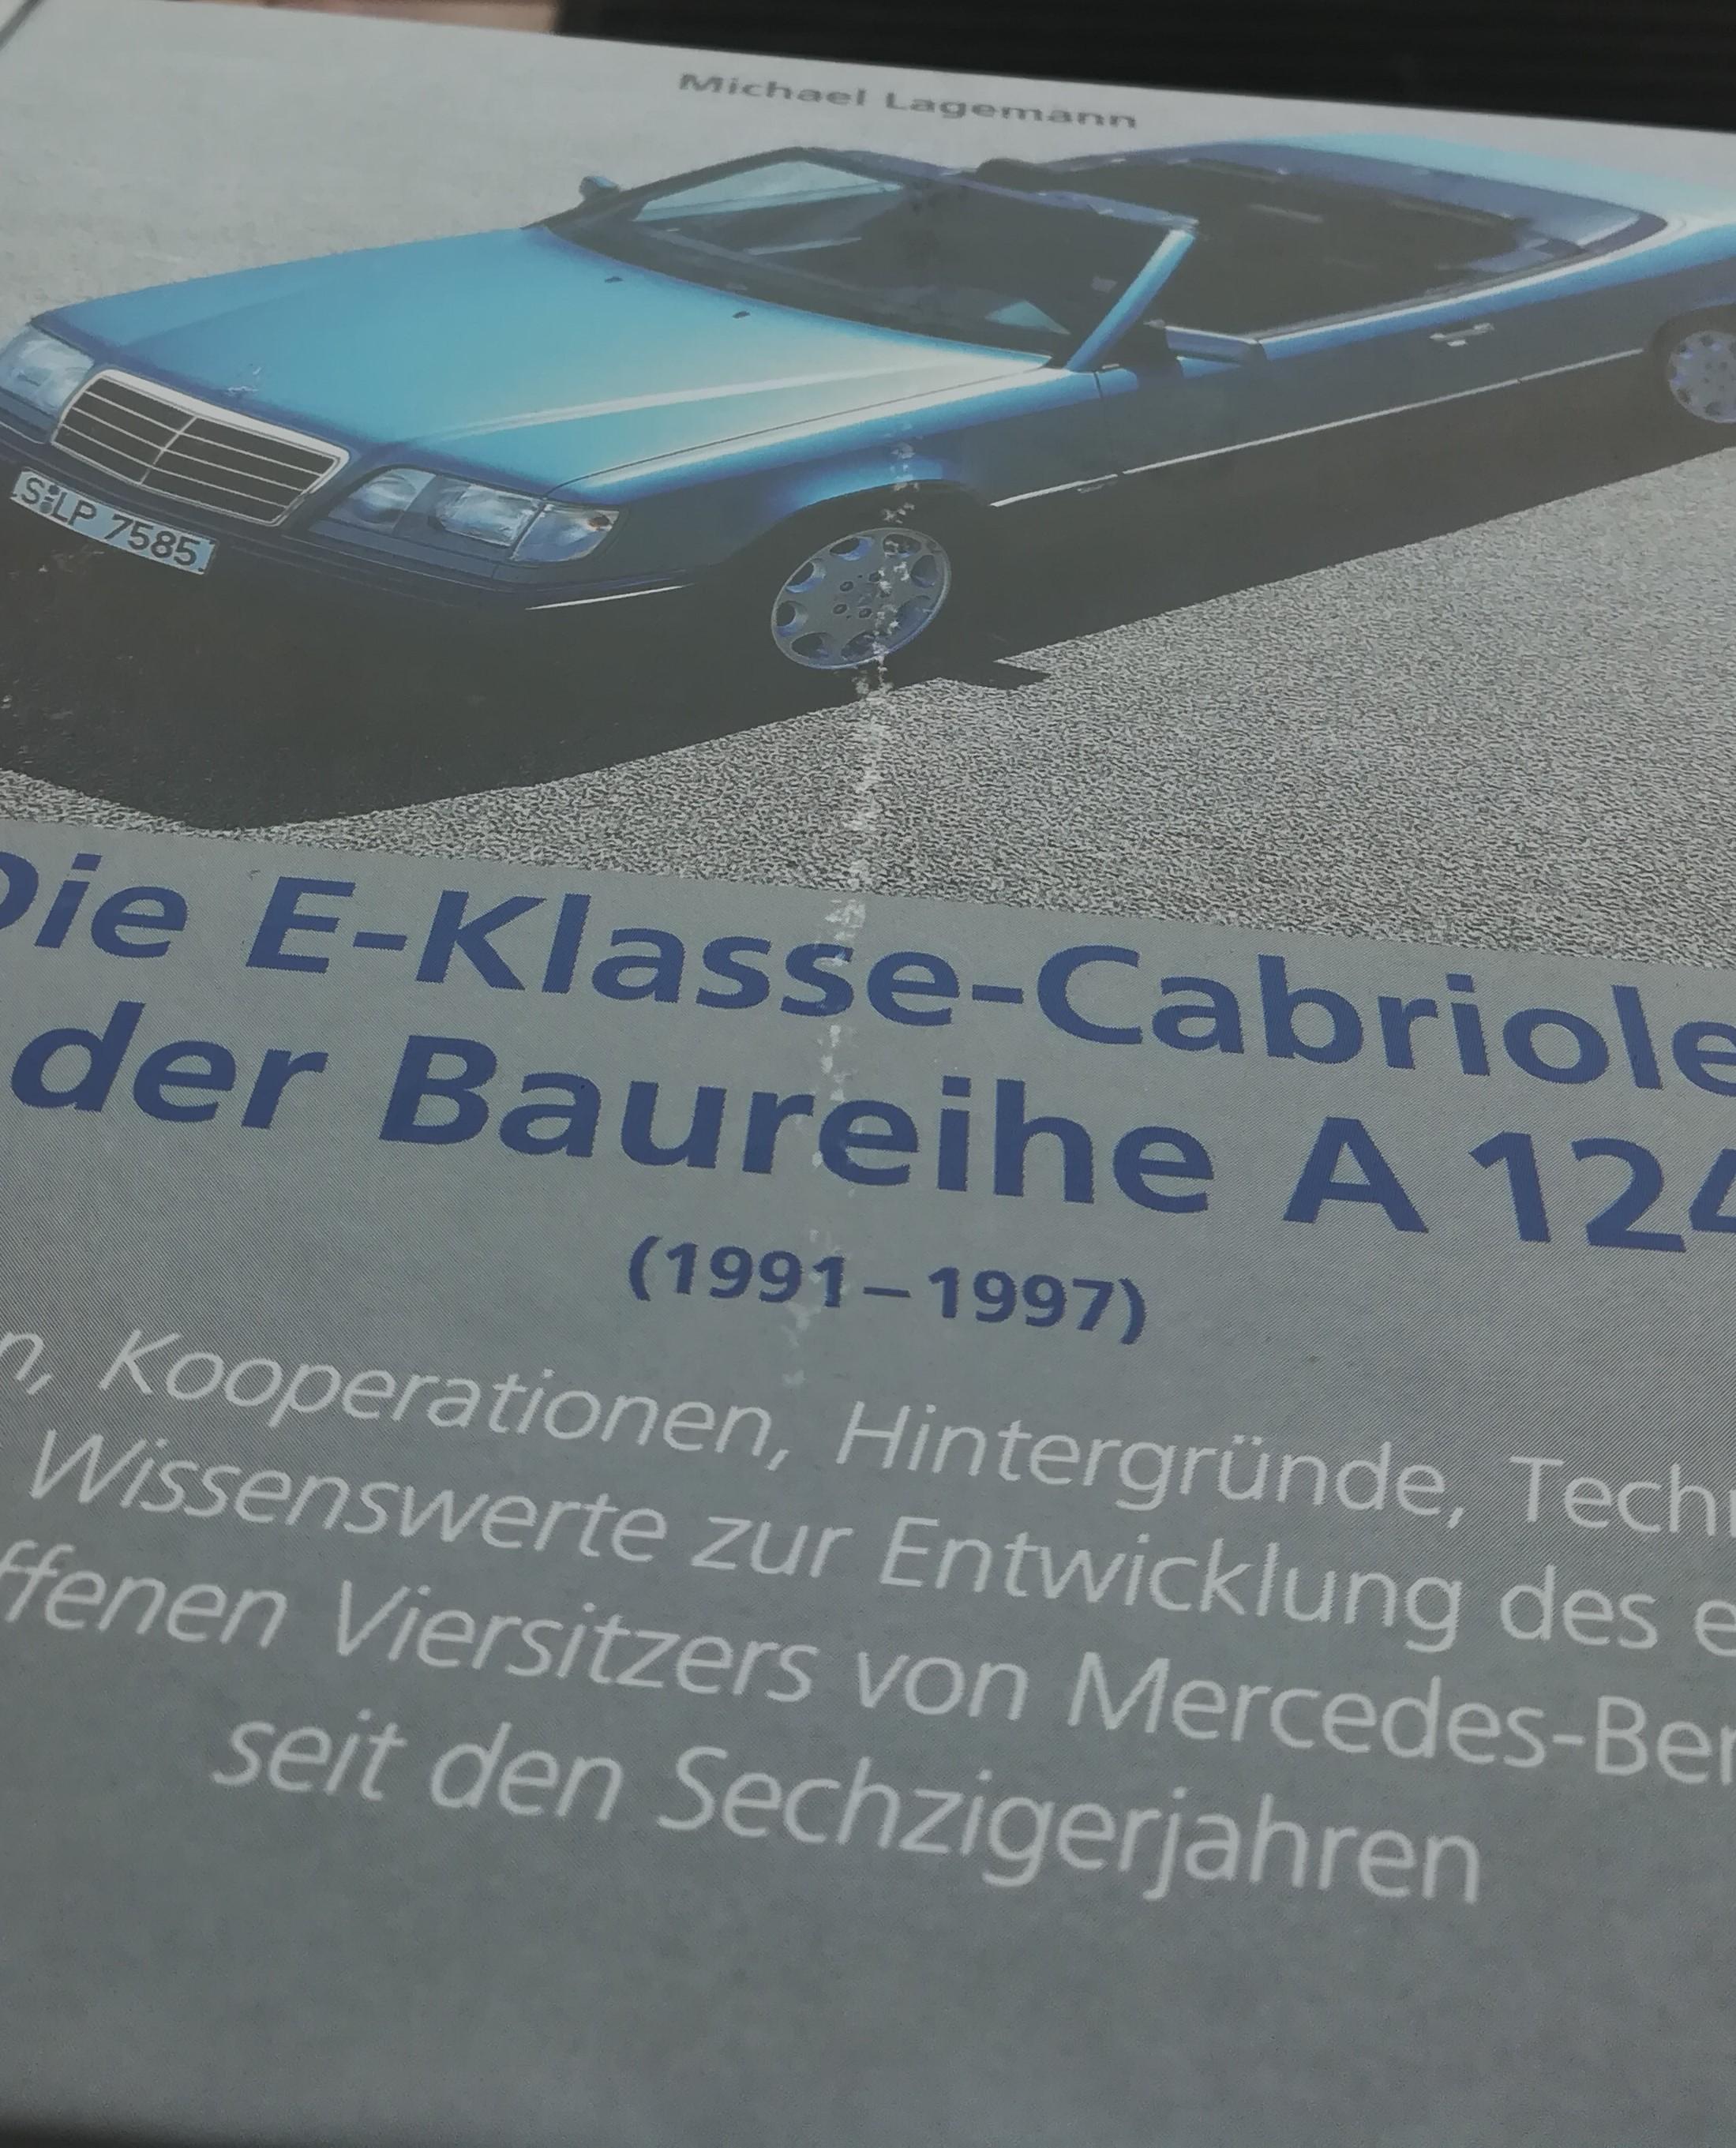 Die E-Klasse-Cabriolets der Baureihe A 124 Mängelexemplar